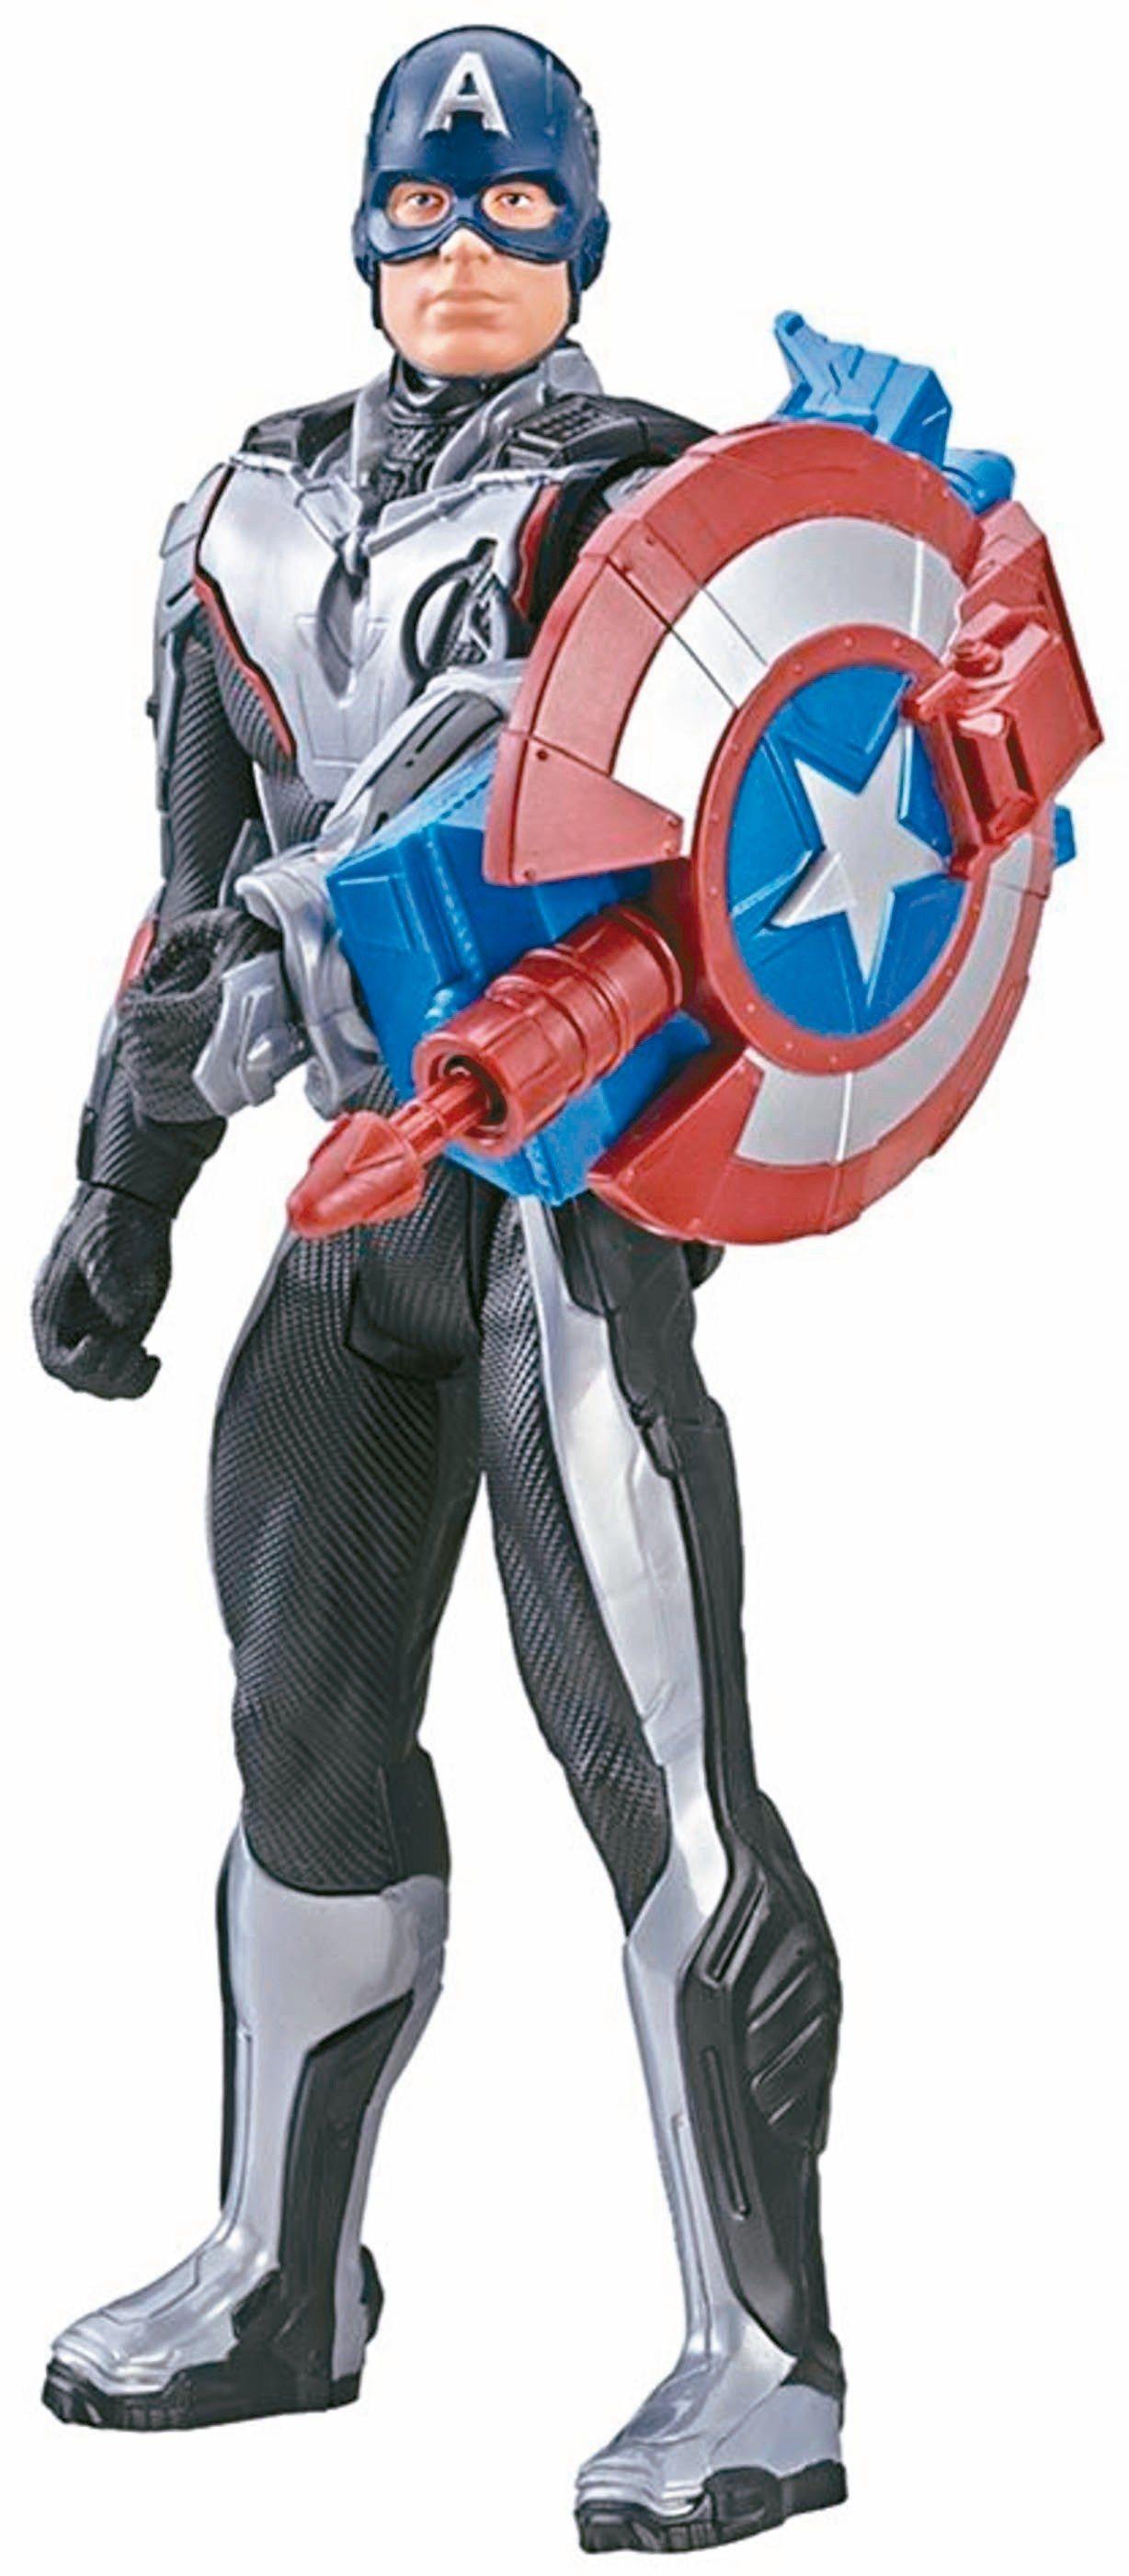 「復仇者聯盟四」電子泰坦英雄美國隊長,原價999元、特價899元。 圖/家樂福提...